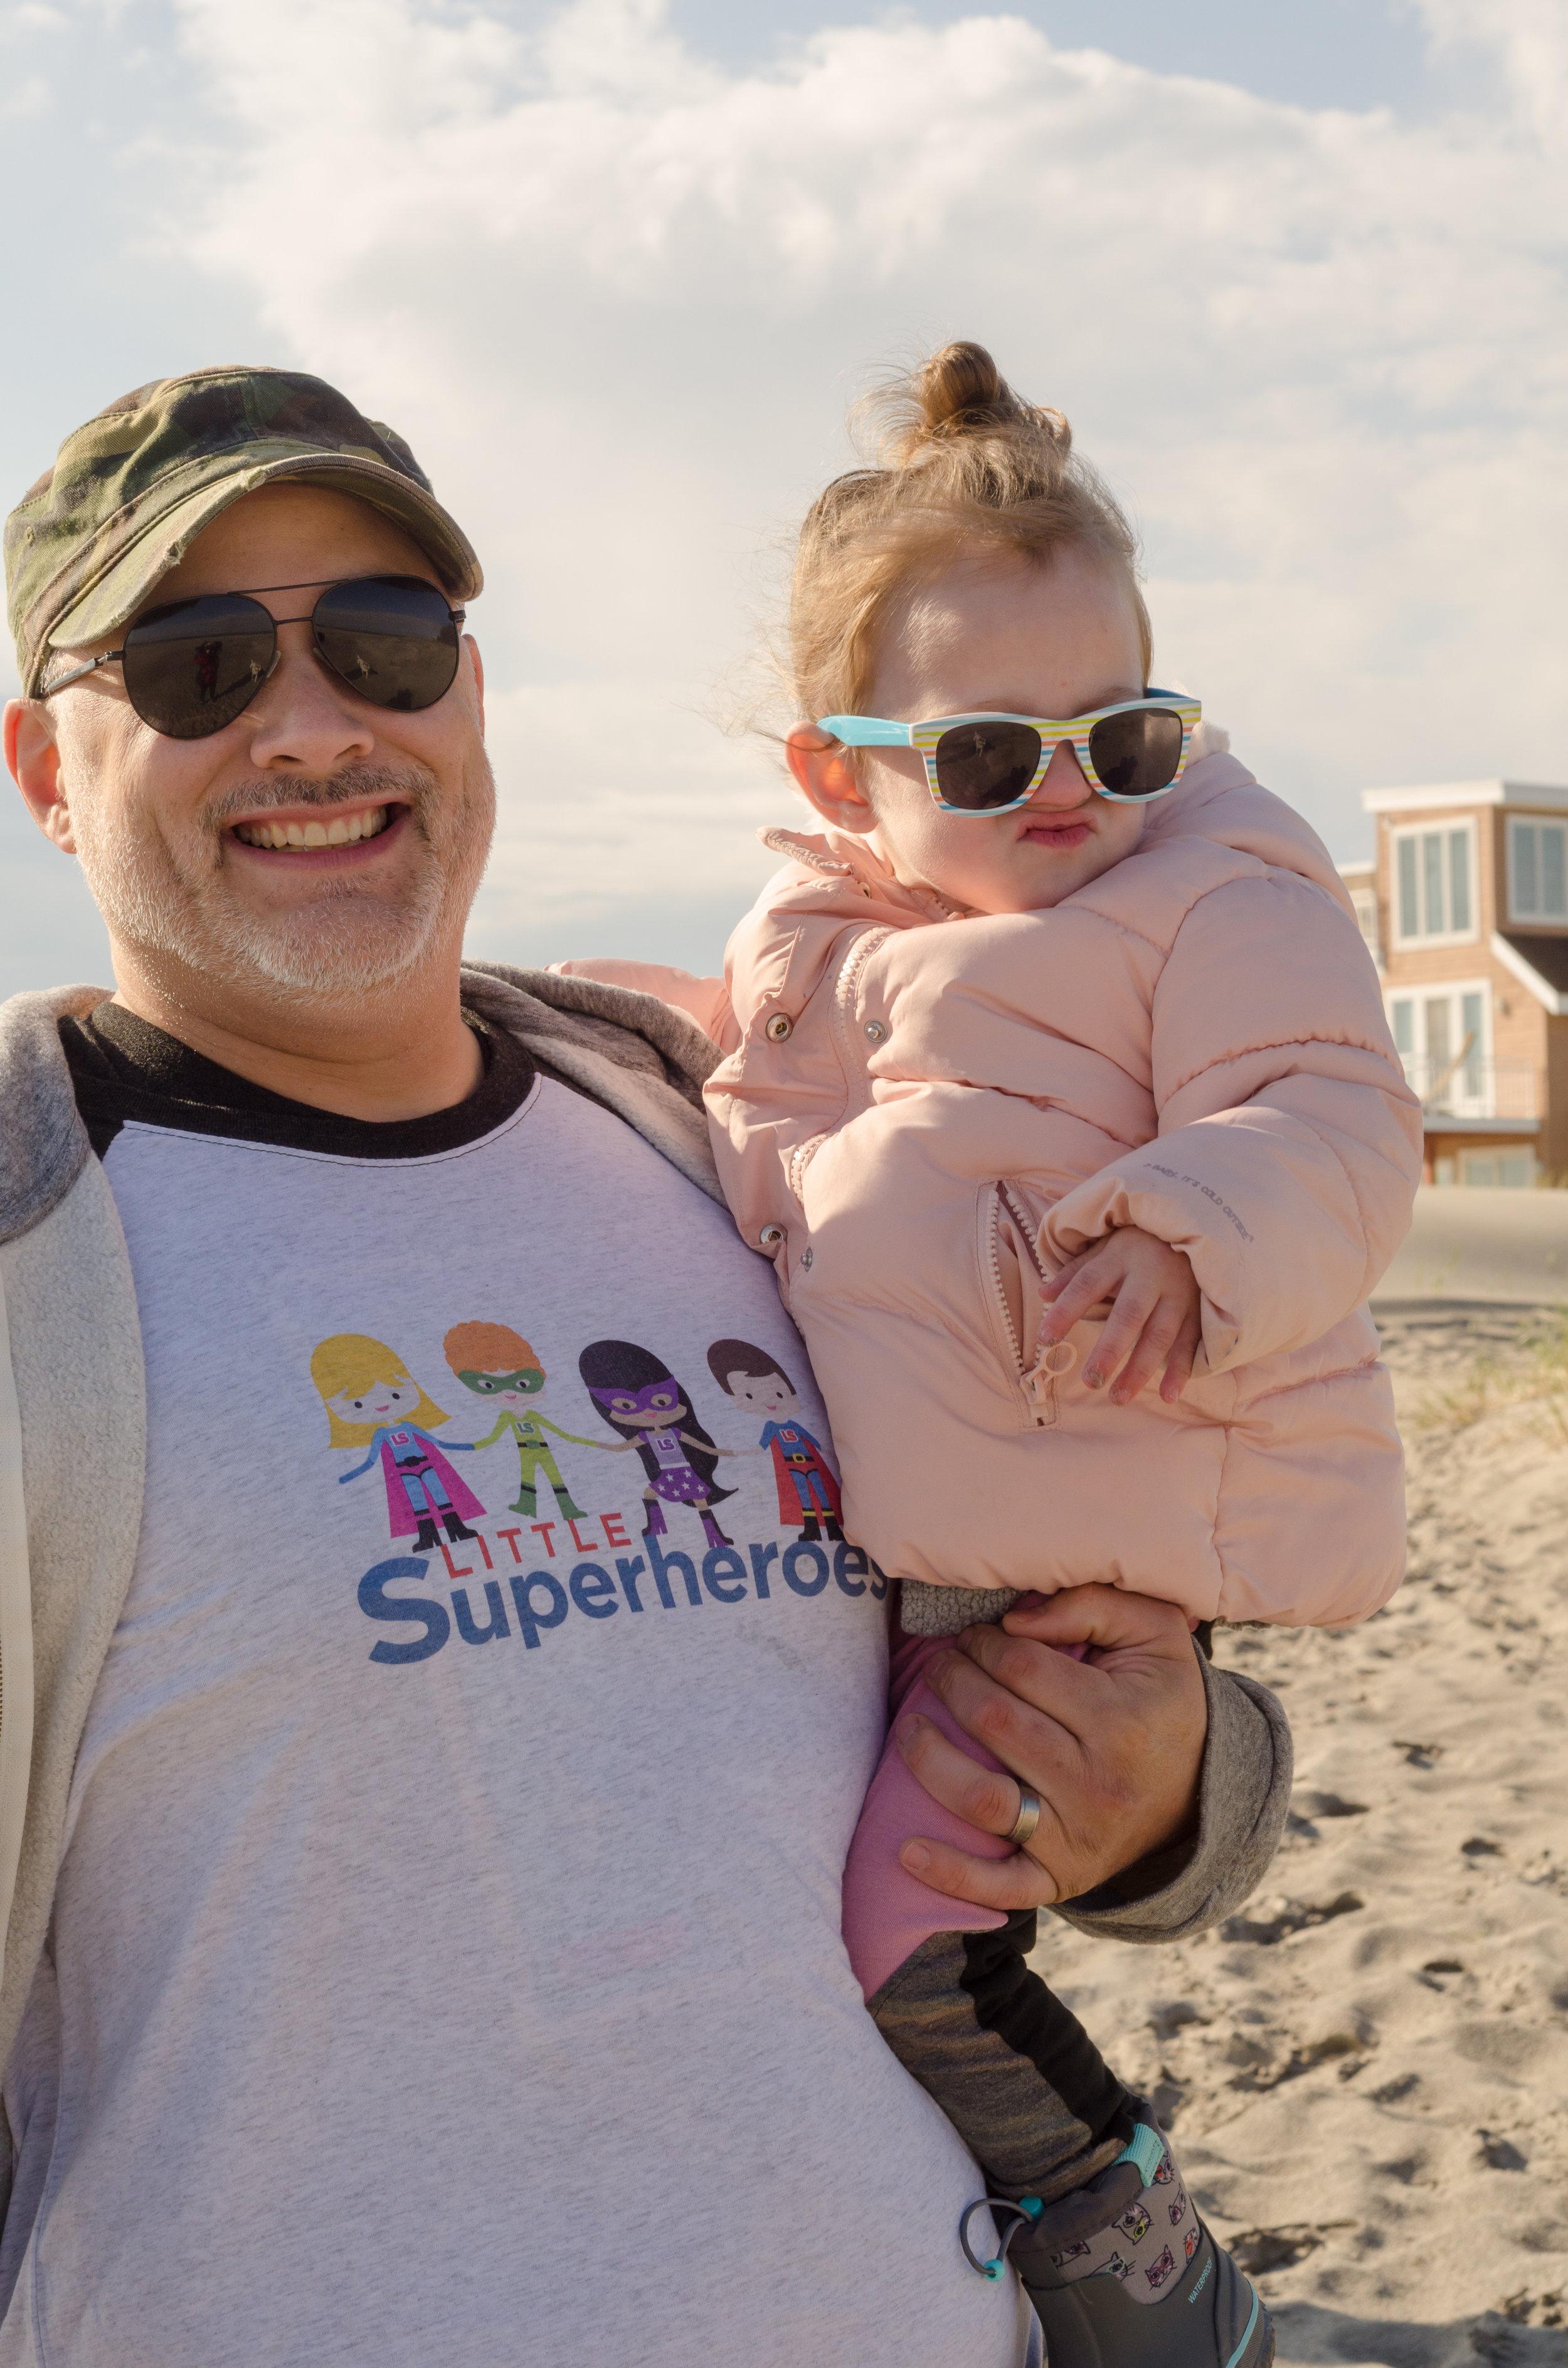 little superheroes - medical grant - shegotguts.com